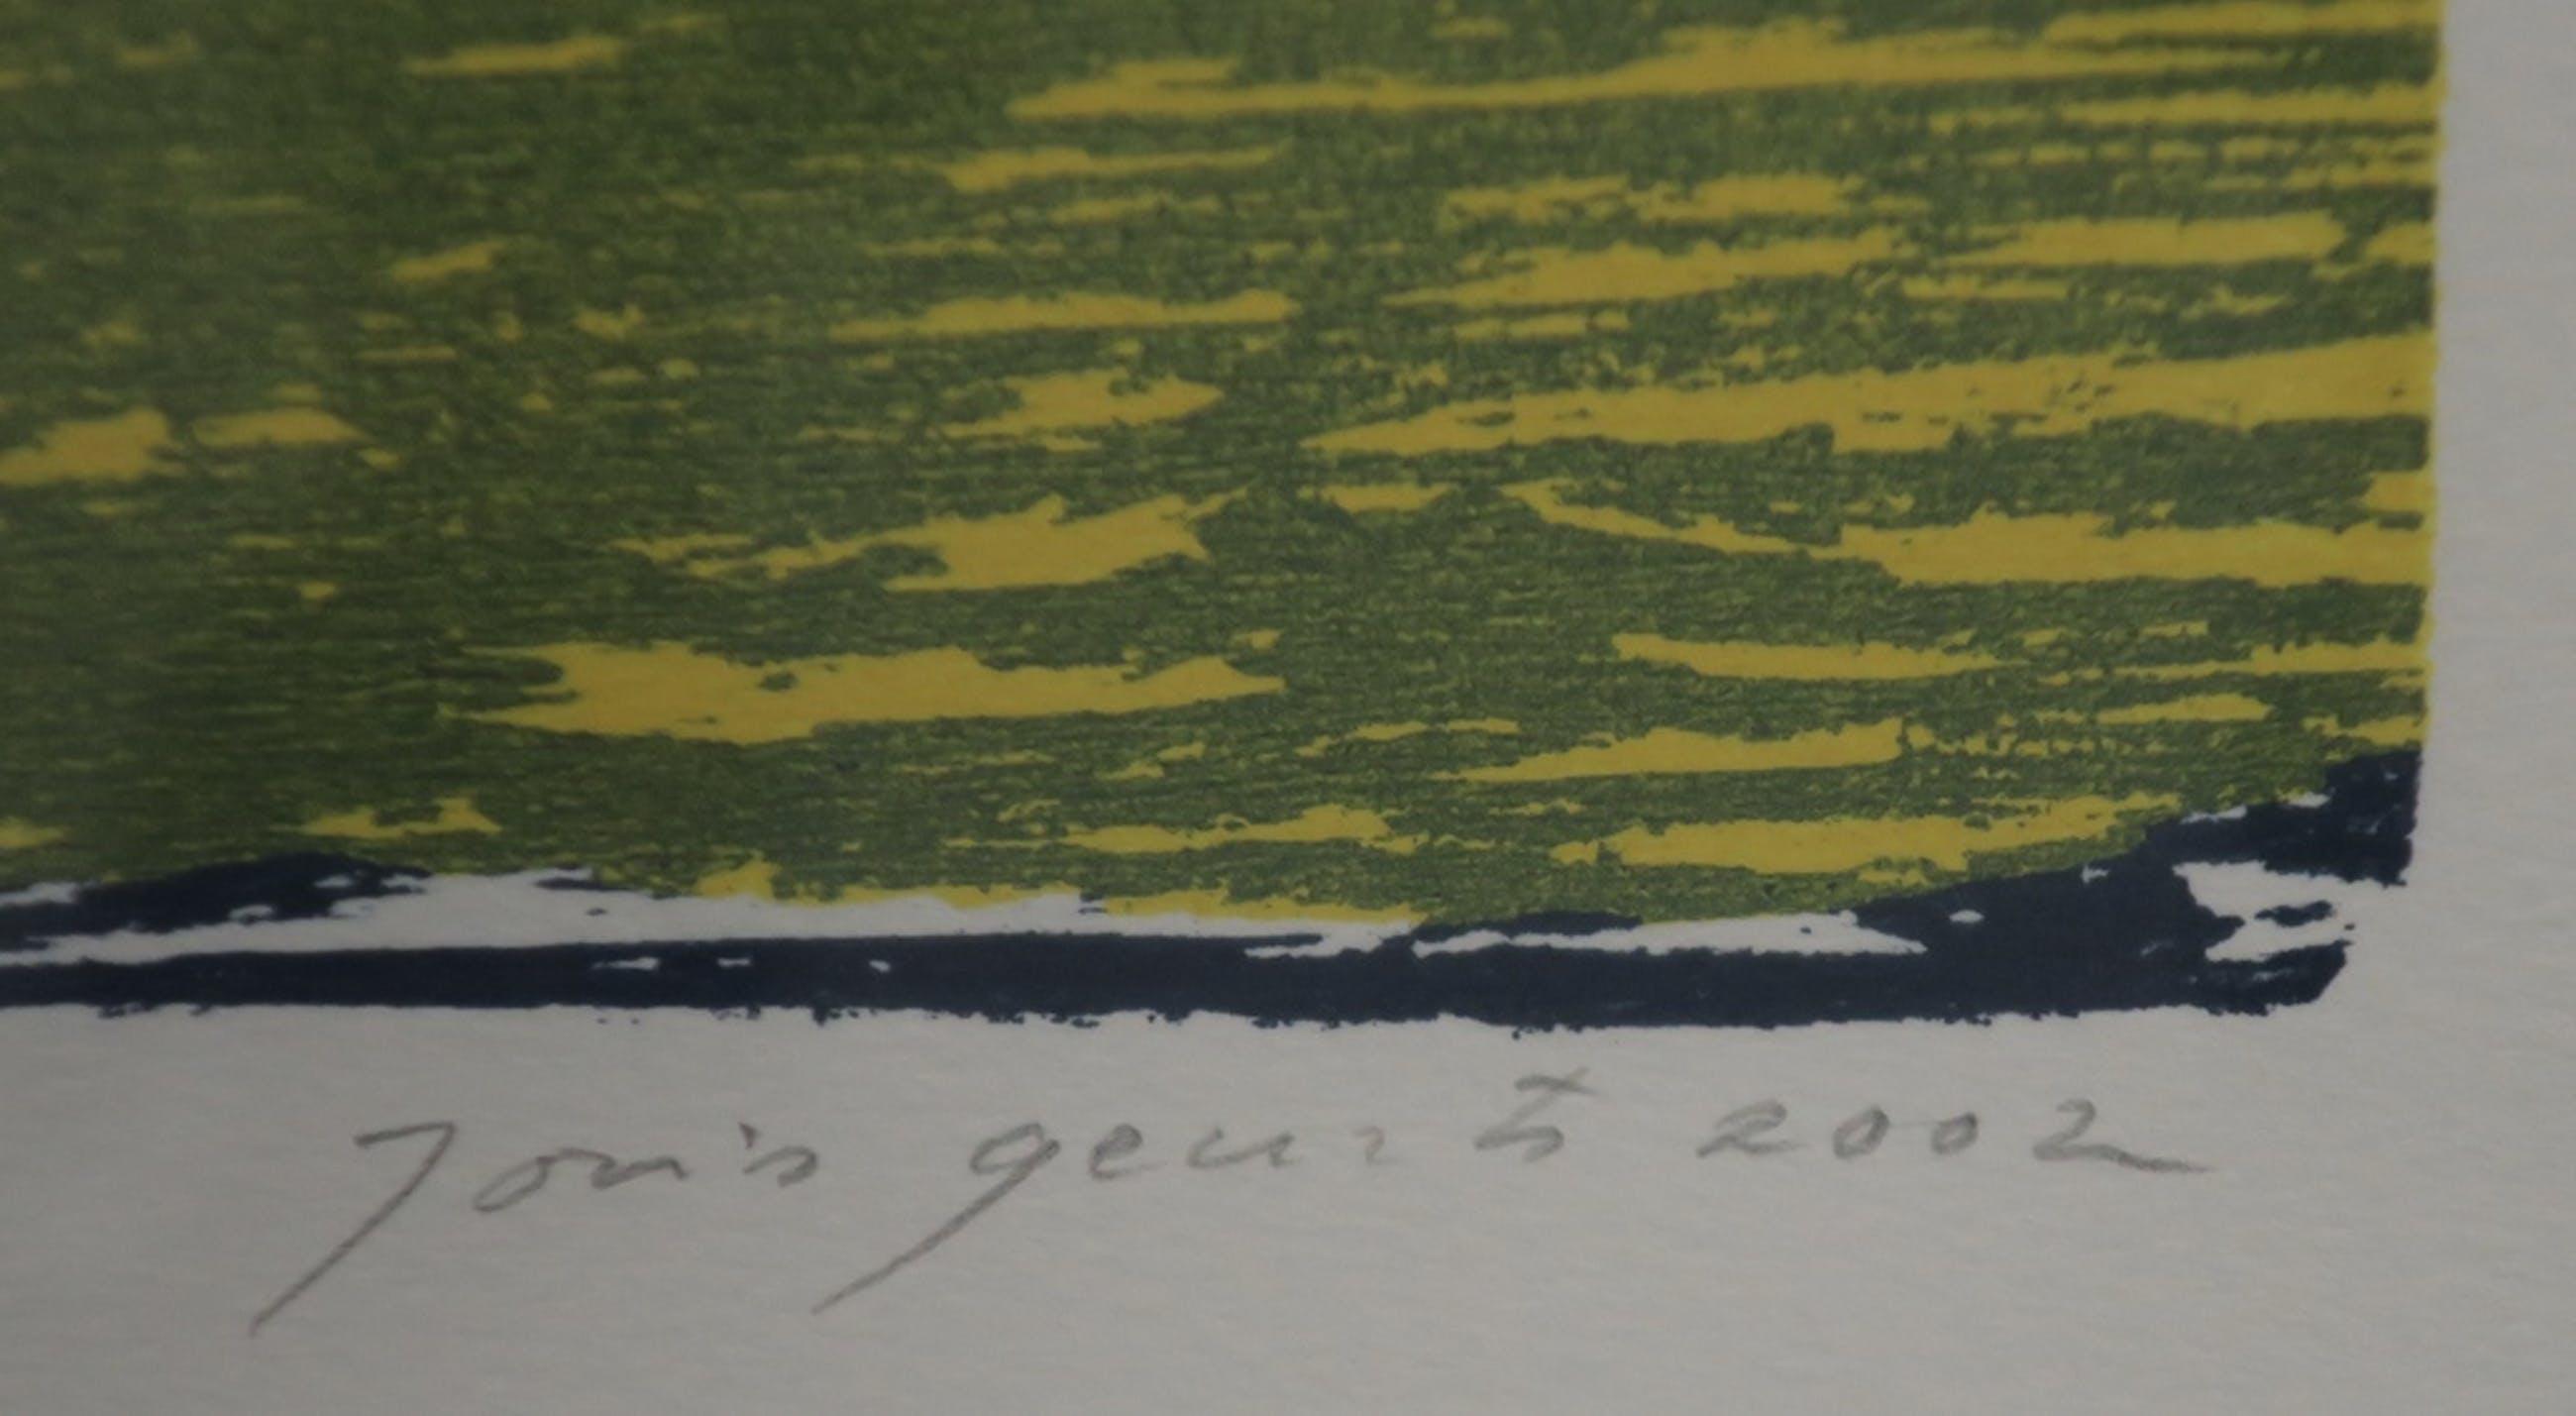 Joris Geurts: Houtsnede, Zonder titel (geel/blauw) - Ingelijst kopen? Bied vanaf 20!